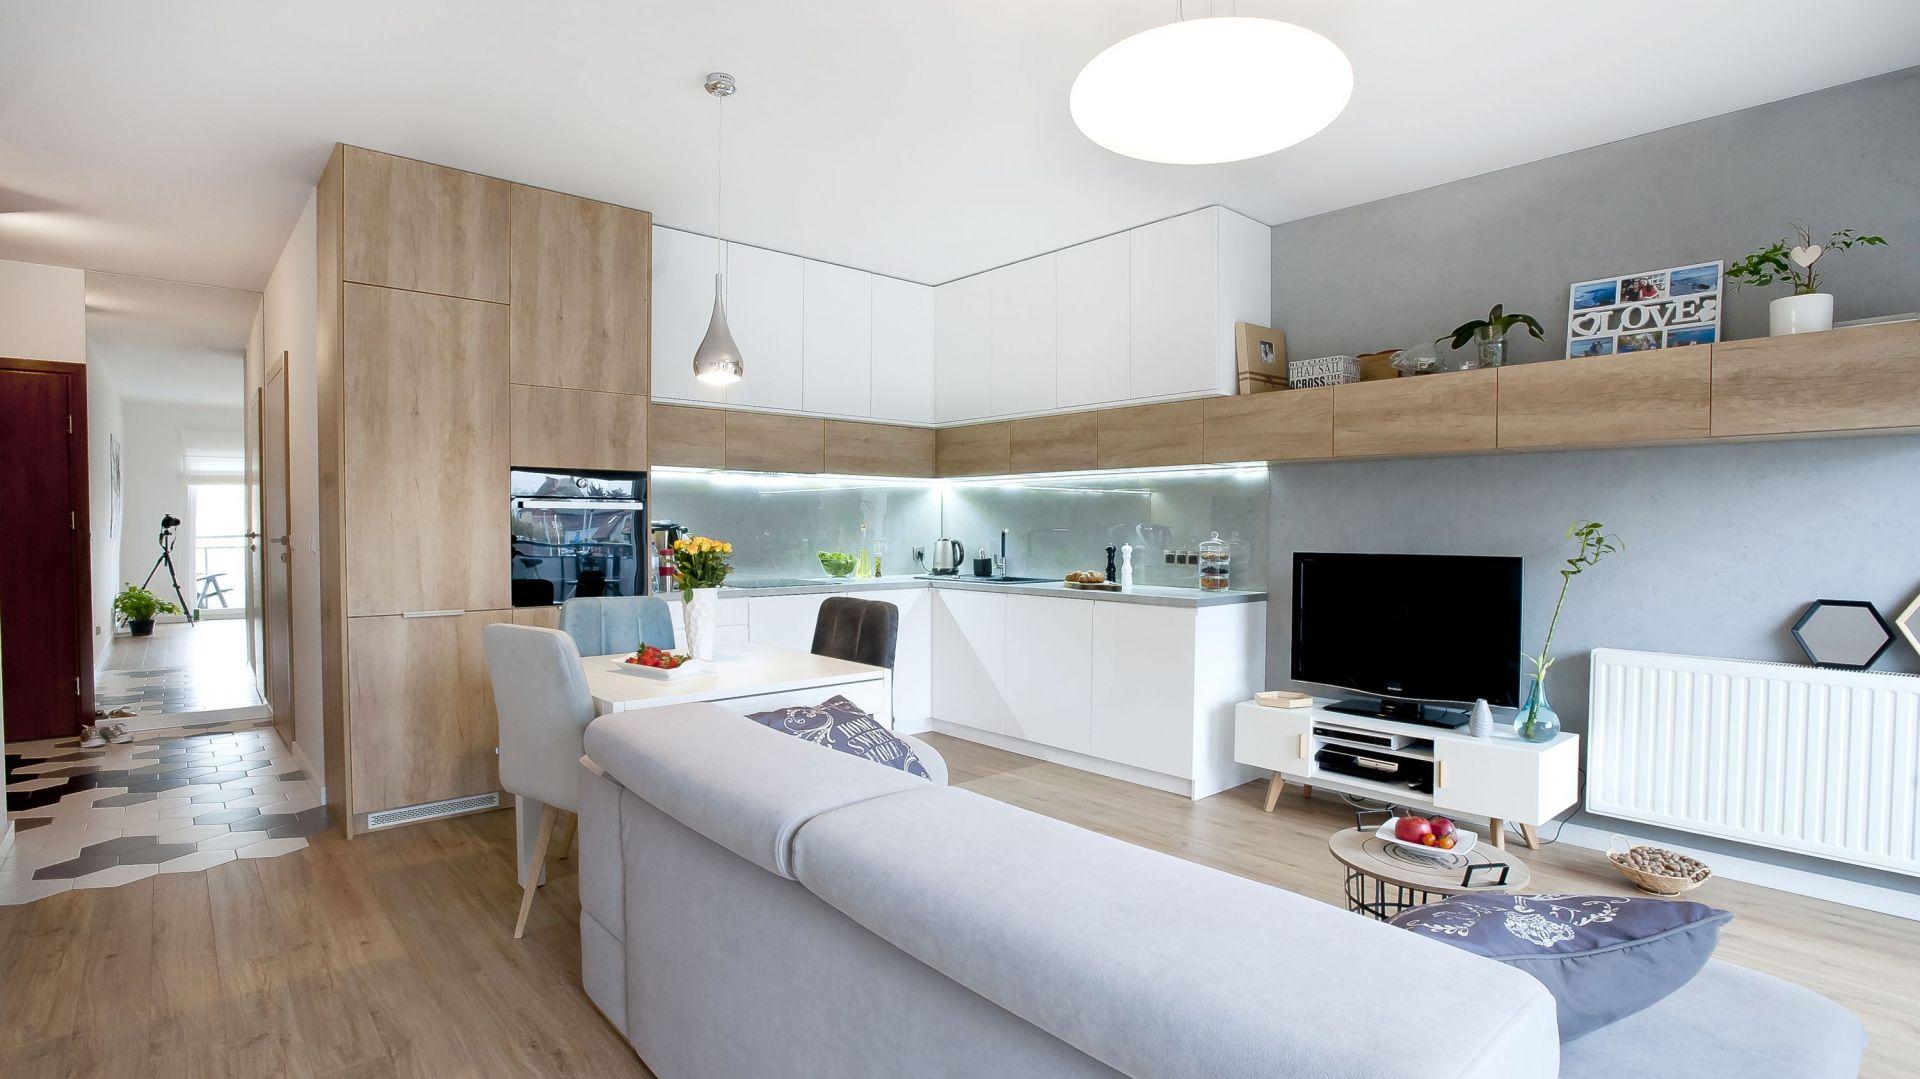 Mała kuchnia otwarta na salon. Projekt Joanna Nawrocka.